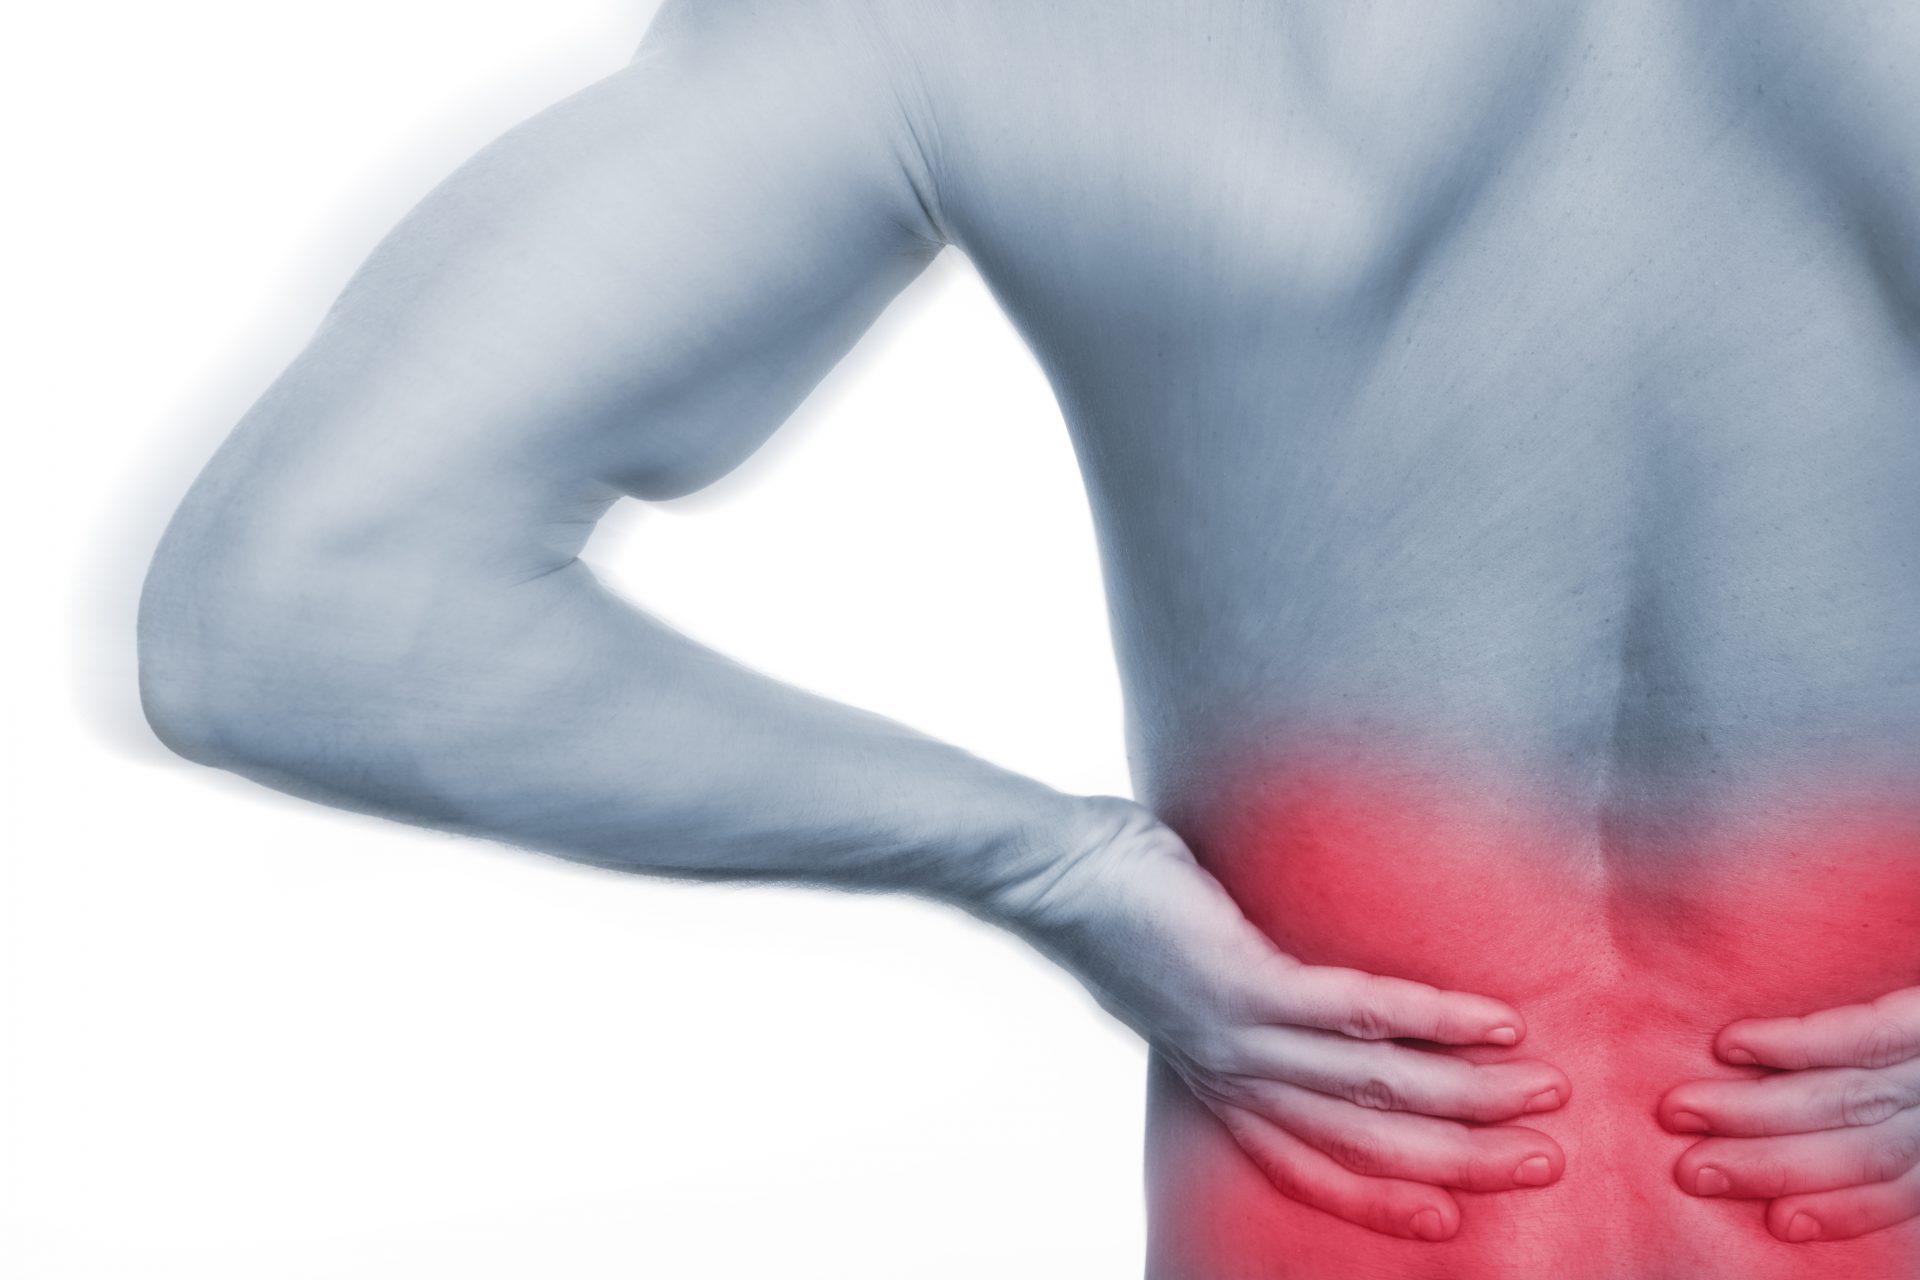 quels troubles soulager grâce à l'ostéopathie